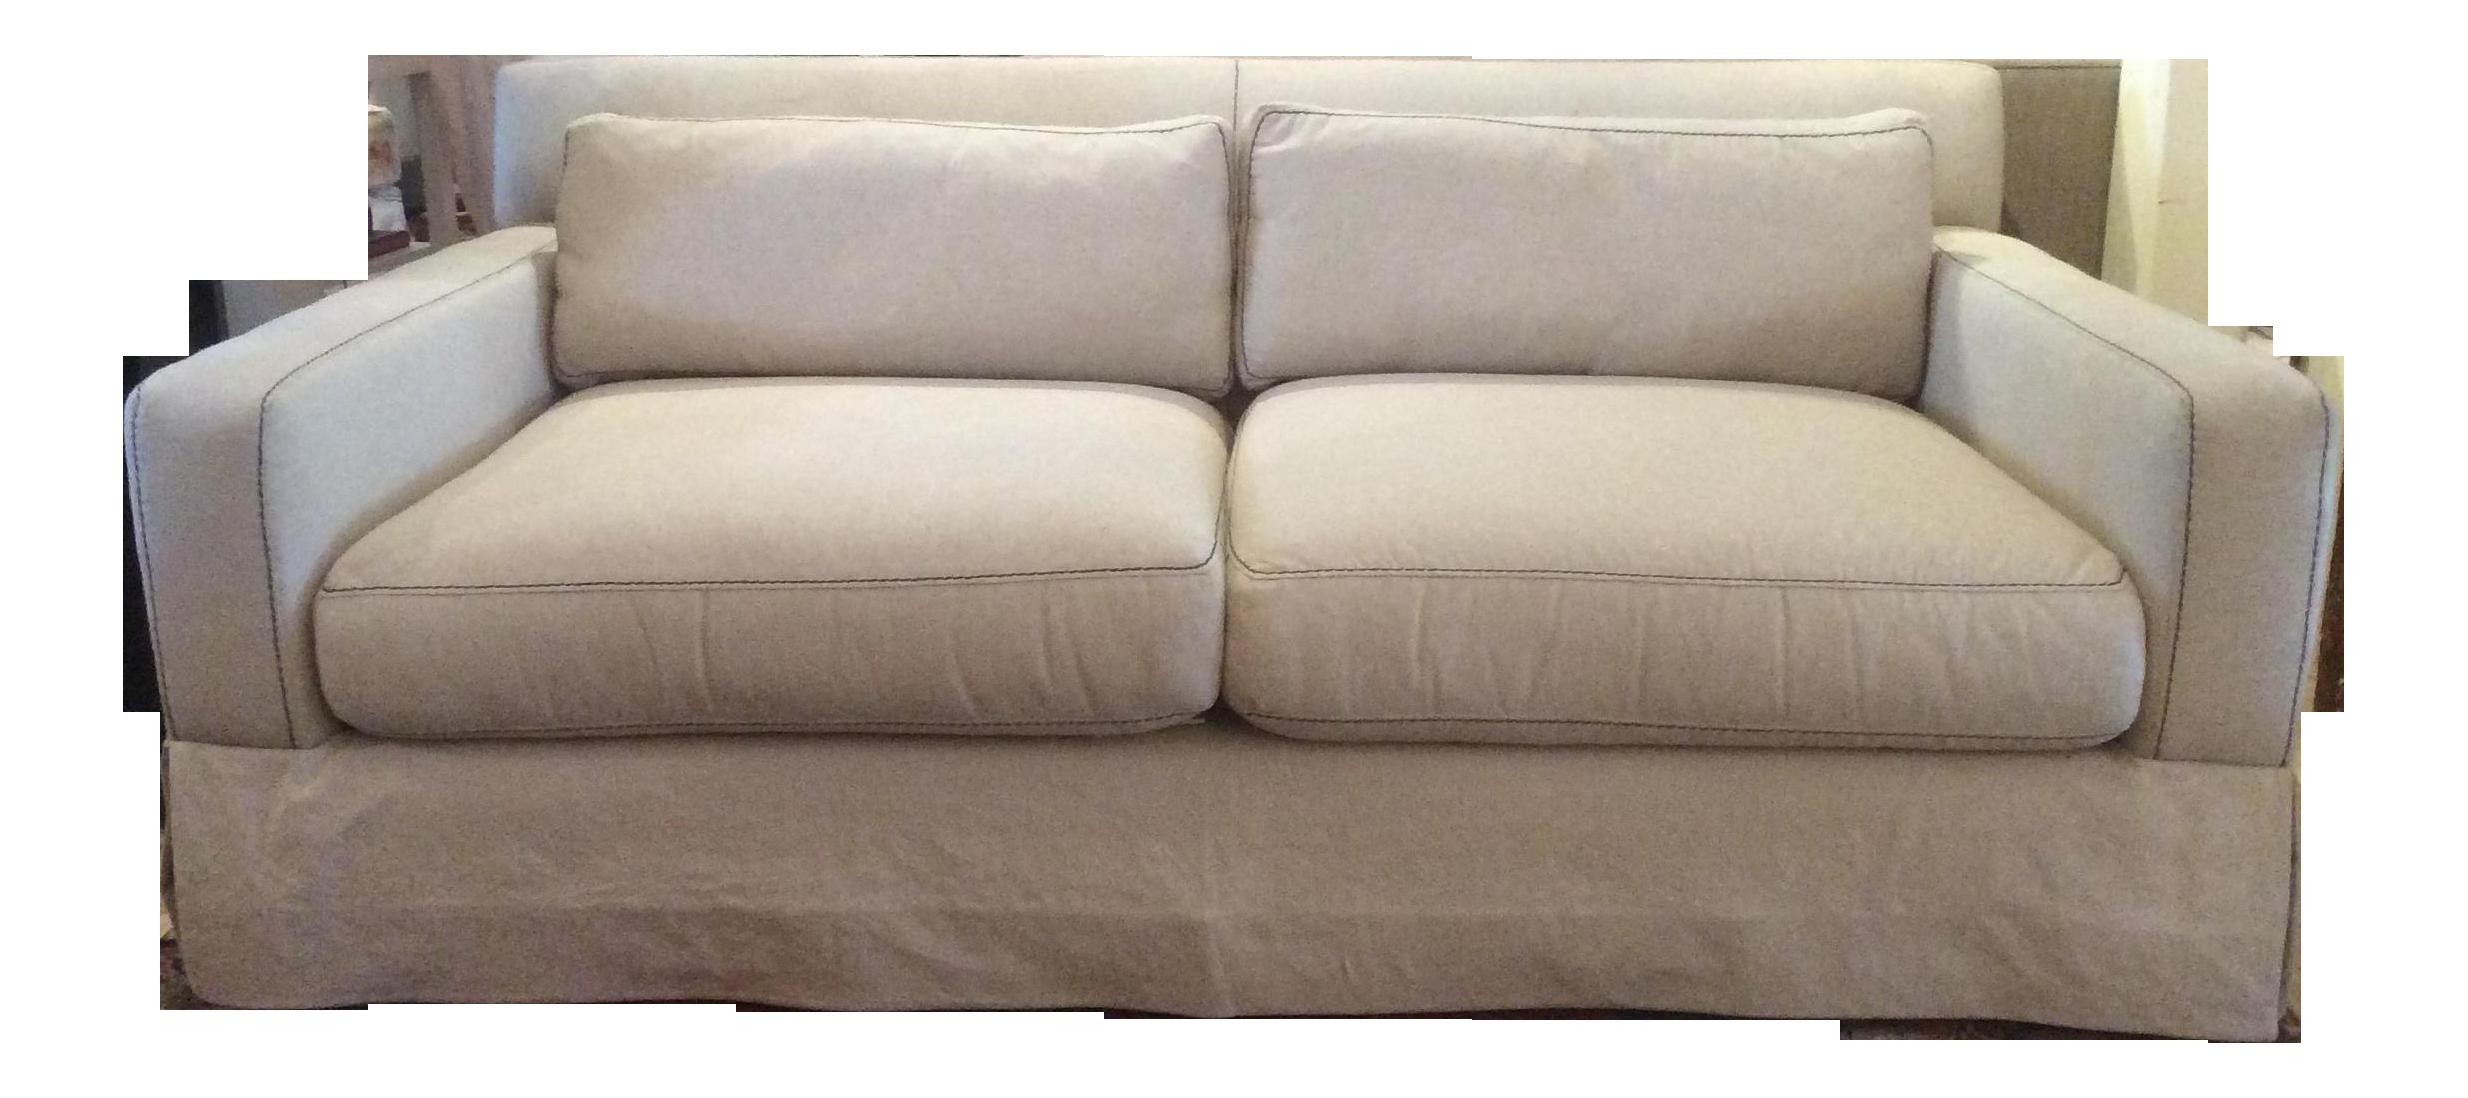 Lee Industries Floor Sample Sofa